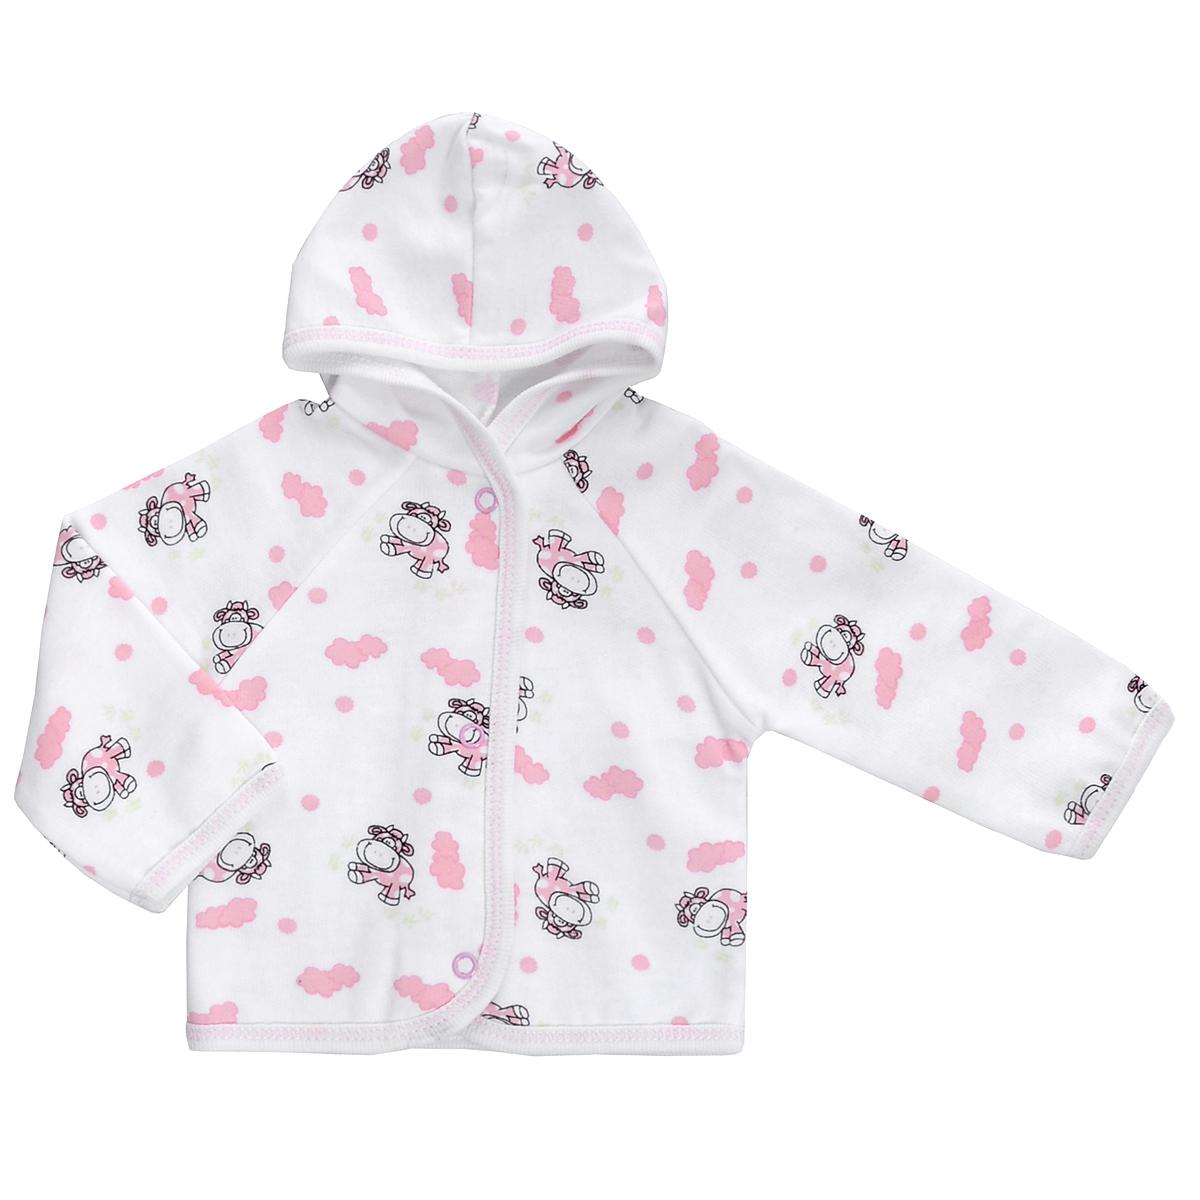 Кофточка детская Трон-плюс, цвет: белый, розовый, рисунок коровы. 5172. Размер 68, 6 месяцев5172Теплая кофточка Трон-плюс идеально подойдет вашему младенцу и станет идеальным дополнением к гардеробу вашего ребенка, обеспечивая ему наибольший комфорт. Изготовленная из футера - натурального хлопка, она необычайно мягкая и легкая, не раздражает нежную кожу ребенка и хорошо вентилируется, а эластичные швы приятны телу малыша и не препятствуют его движениям. Удобные застежки-кнопки по всей длине помогают легко переодеть младенца. Модель с длинными рукавами-реглан дополнена капюшоном. По краям кофточка обработана бейкой и украшена оригинальным принтом.Кофточка полностью соответствует особенностям жизни ребенка в ранний период, не стесняя и не ограничивая его в движениях.